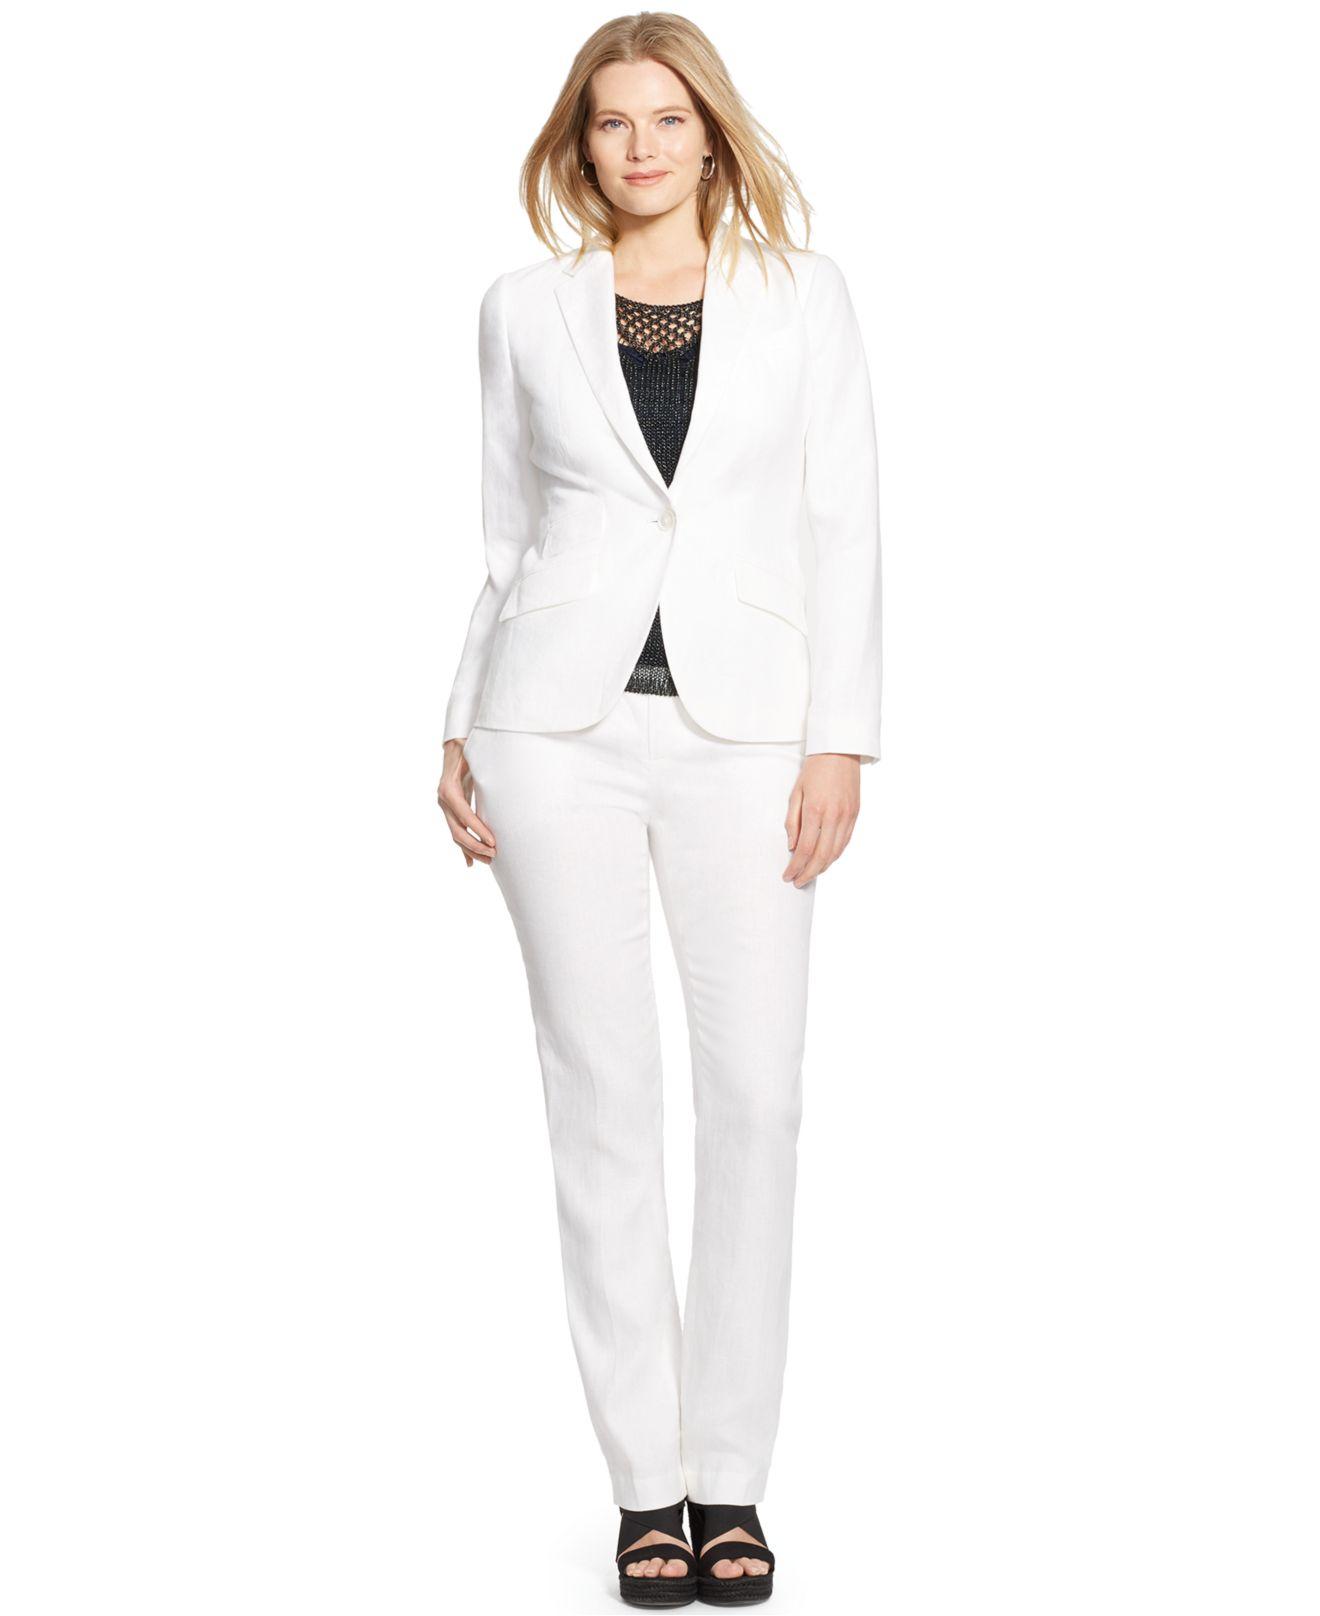 White Blazer Plus Size